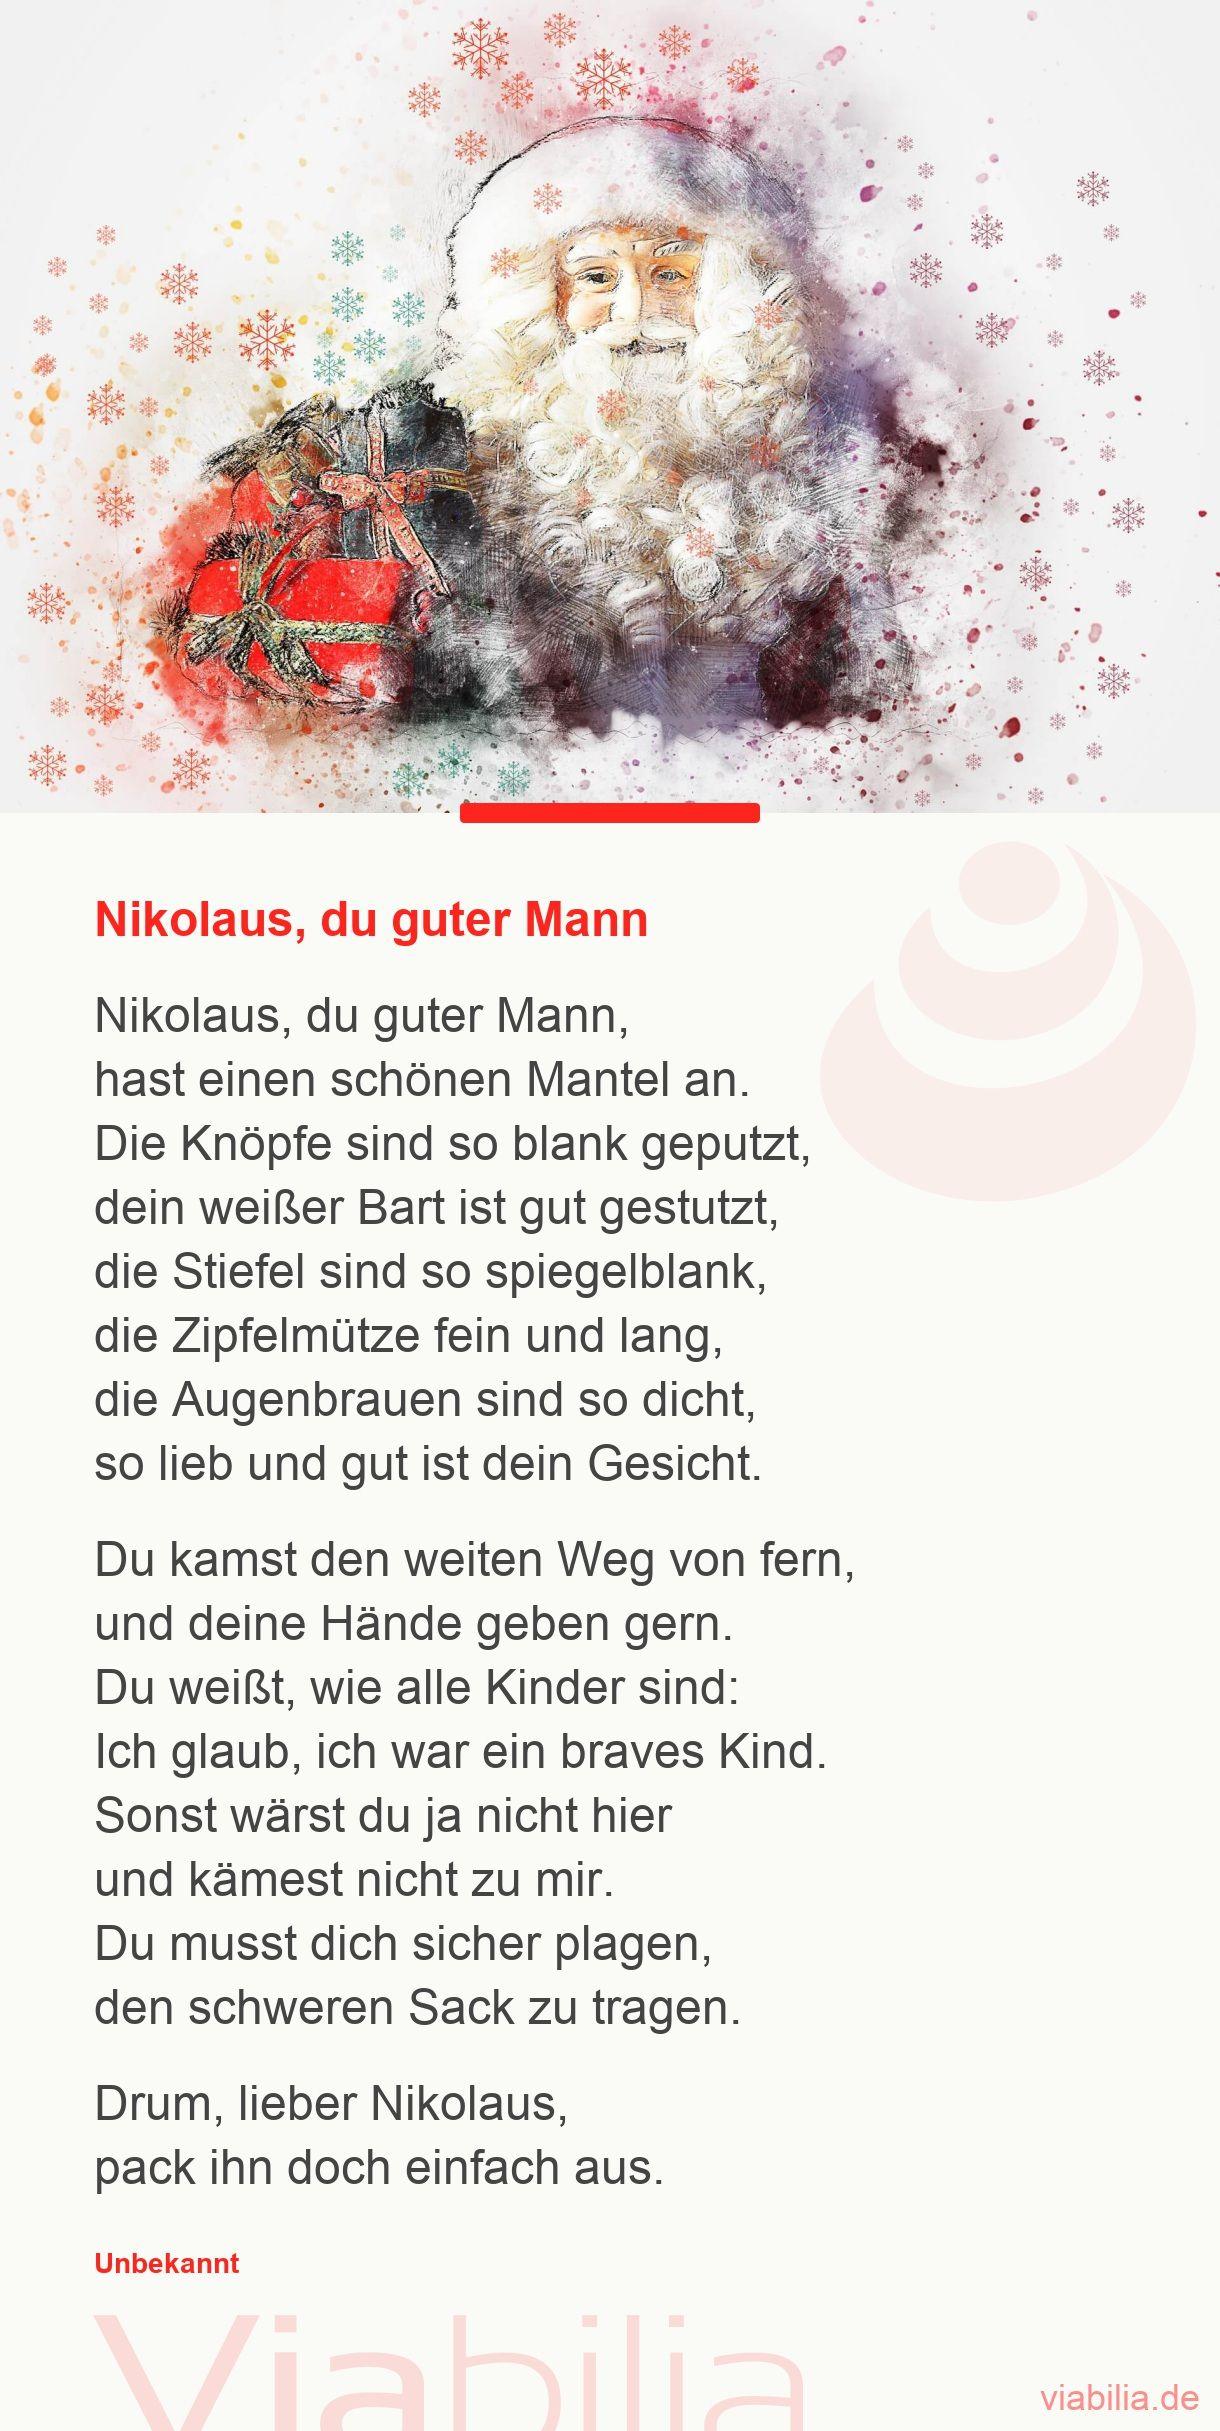 Nikolaus: Sprüche und Gedichte